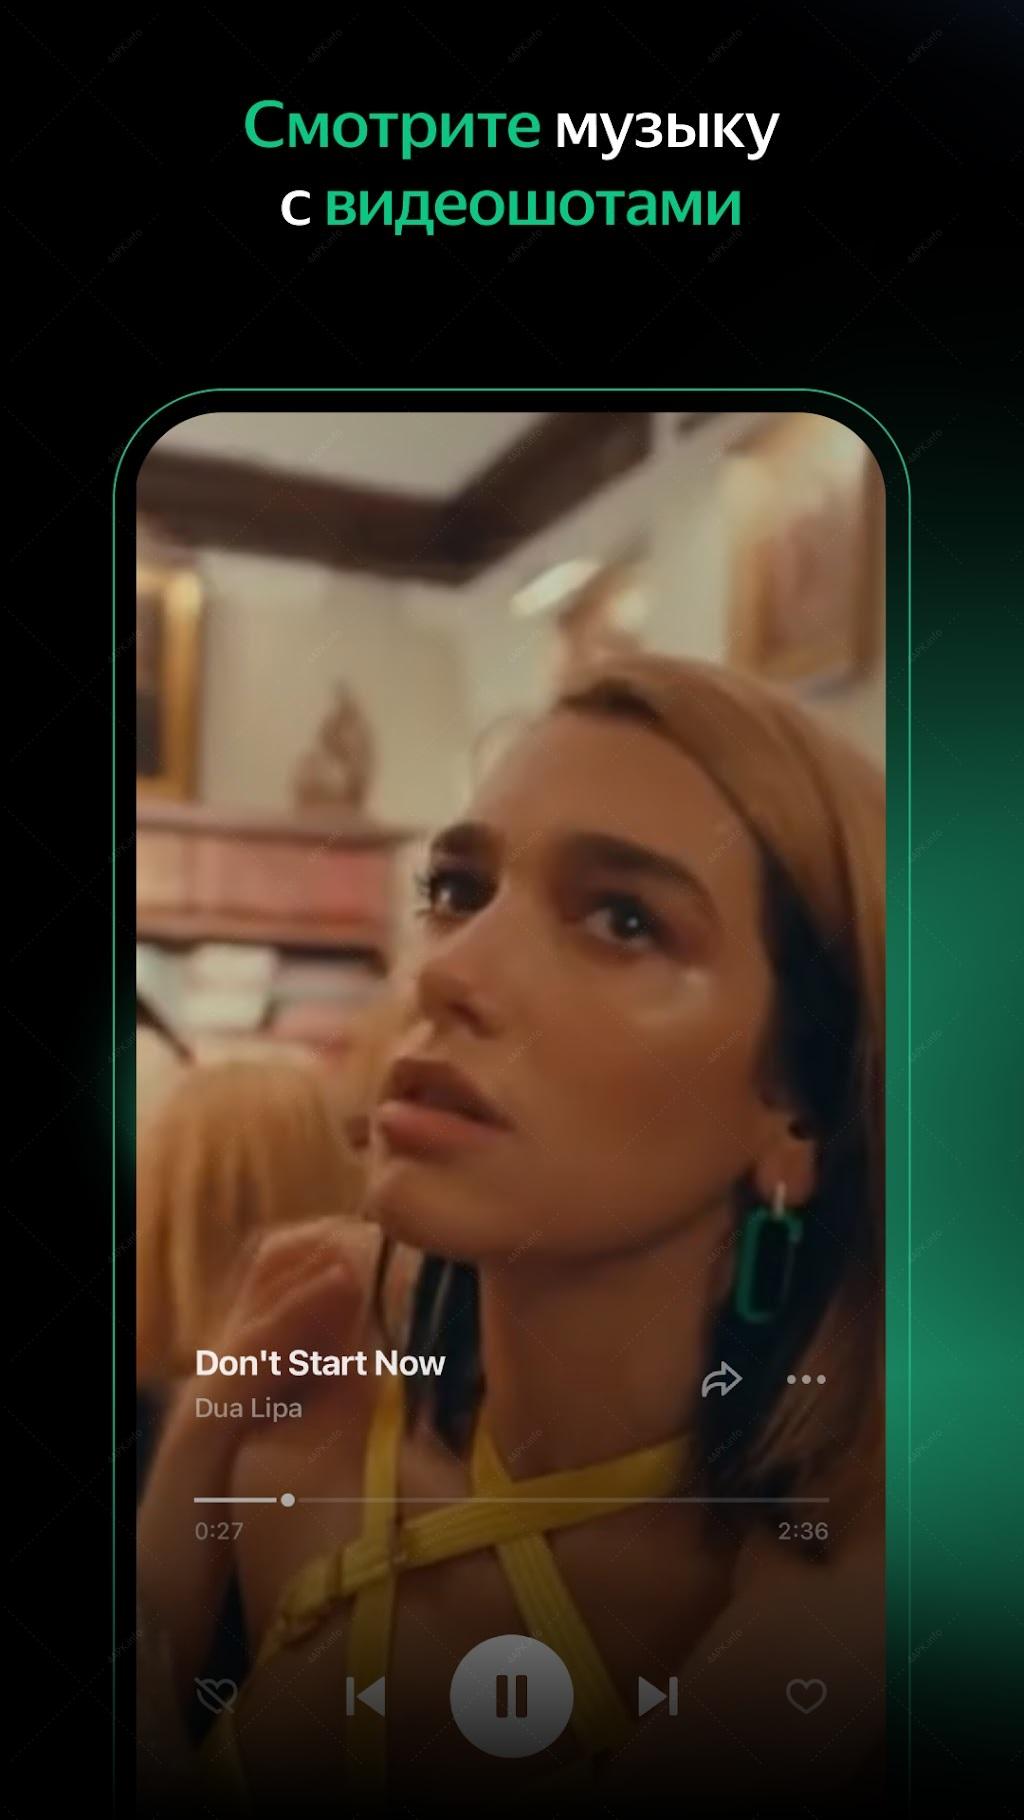 Яндекс.Музыка - скачивайте и слушайте музыку screenshot